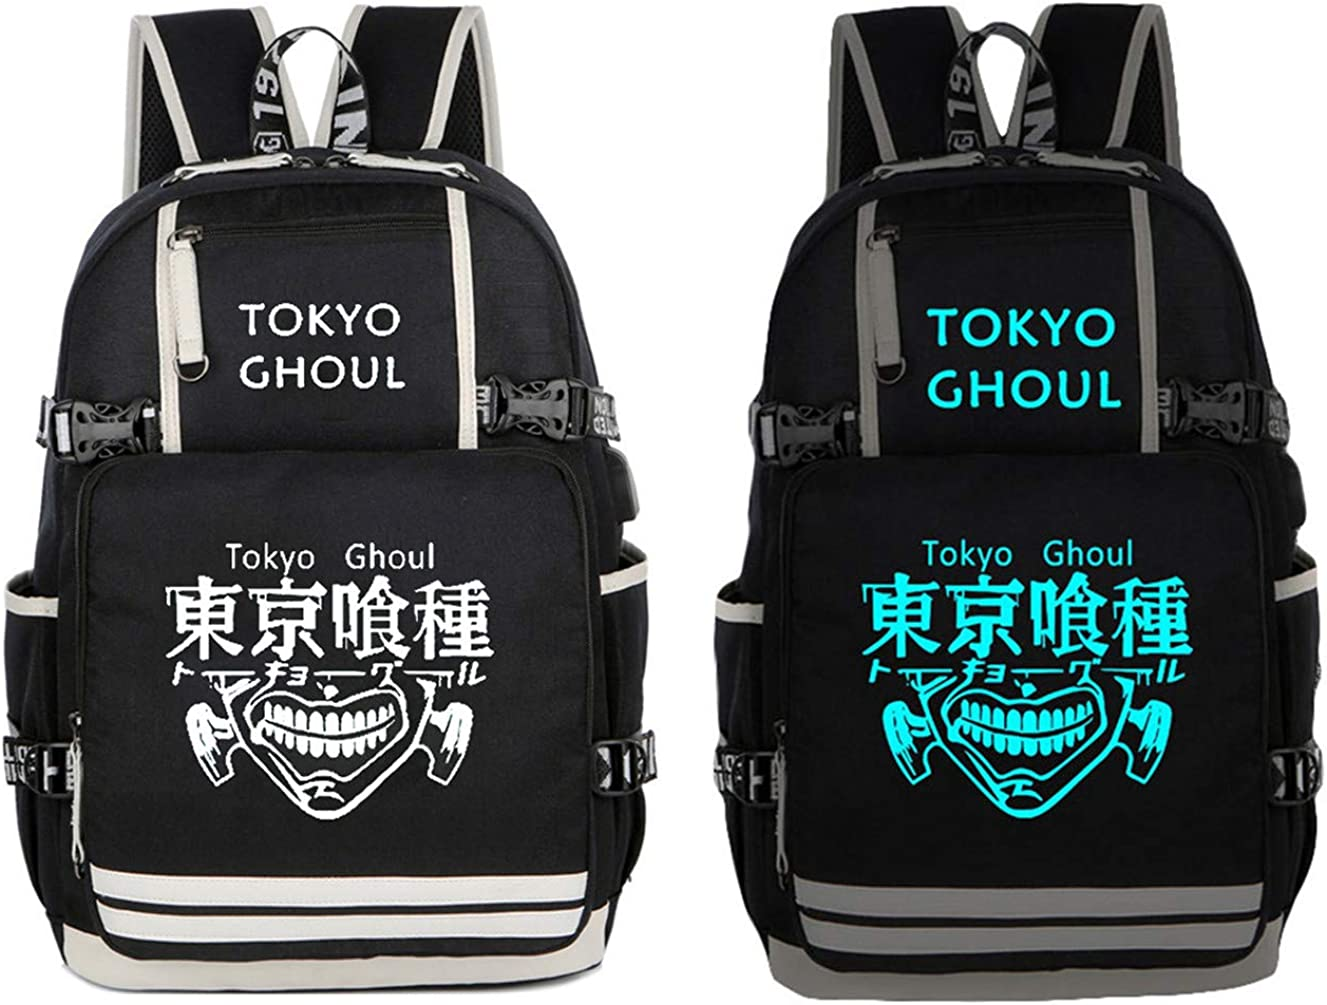 Gumstyle Tokyo Ghoul Anime Backpack with USB Charging Port Laptop Shoulder School Bag